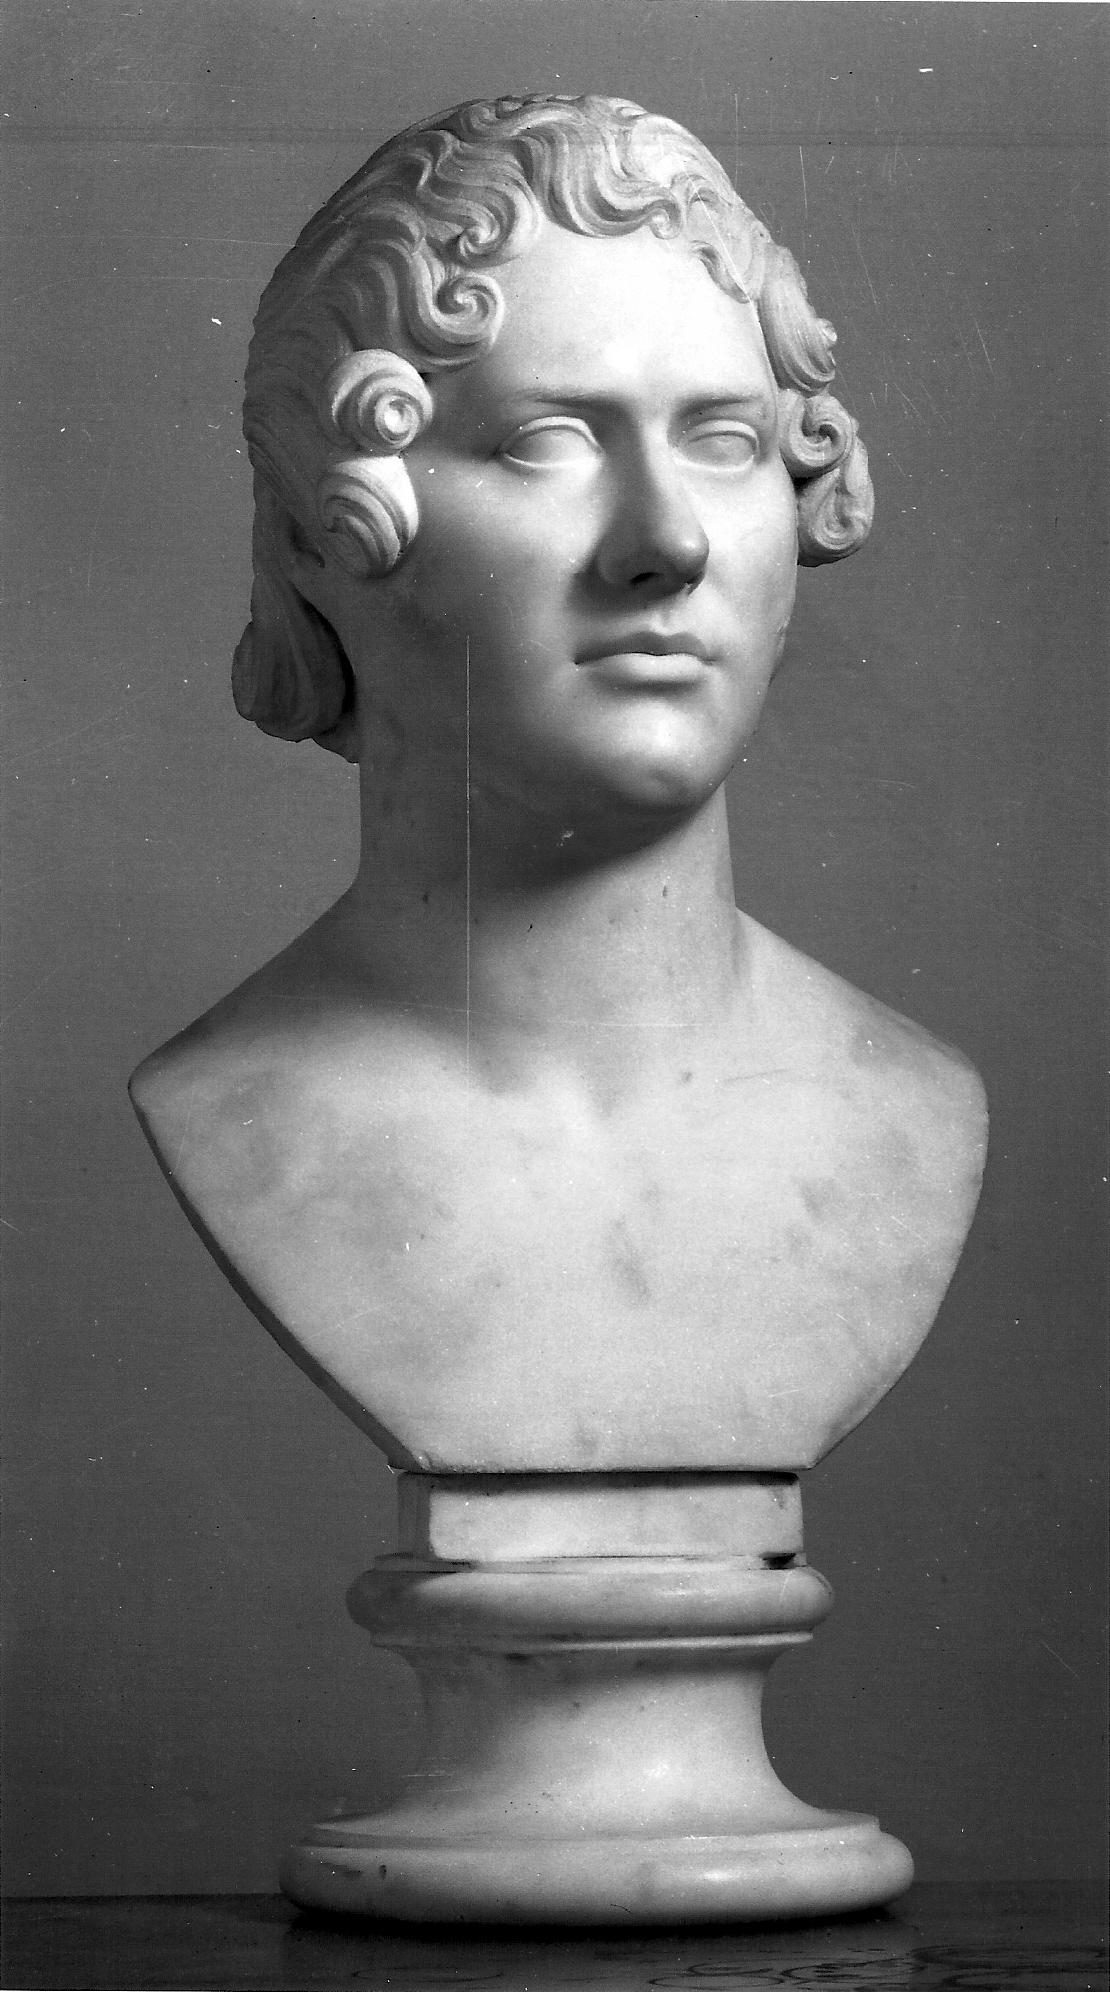 Lorenzo Bartolini, Busto-ritratto di Lord Byron (1822; marmo, 47 x 32 x 26 cm; Firenze, Galleria d'Arte Moderna di Palazzo Pitti)